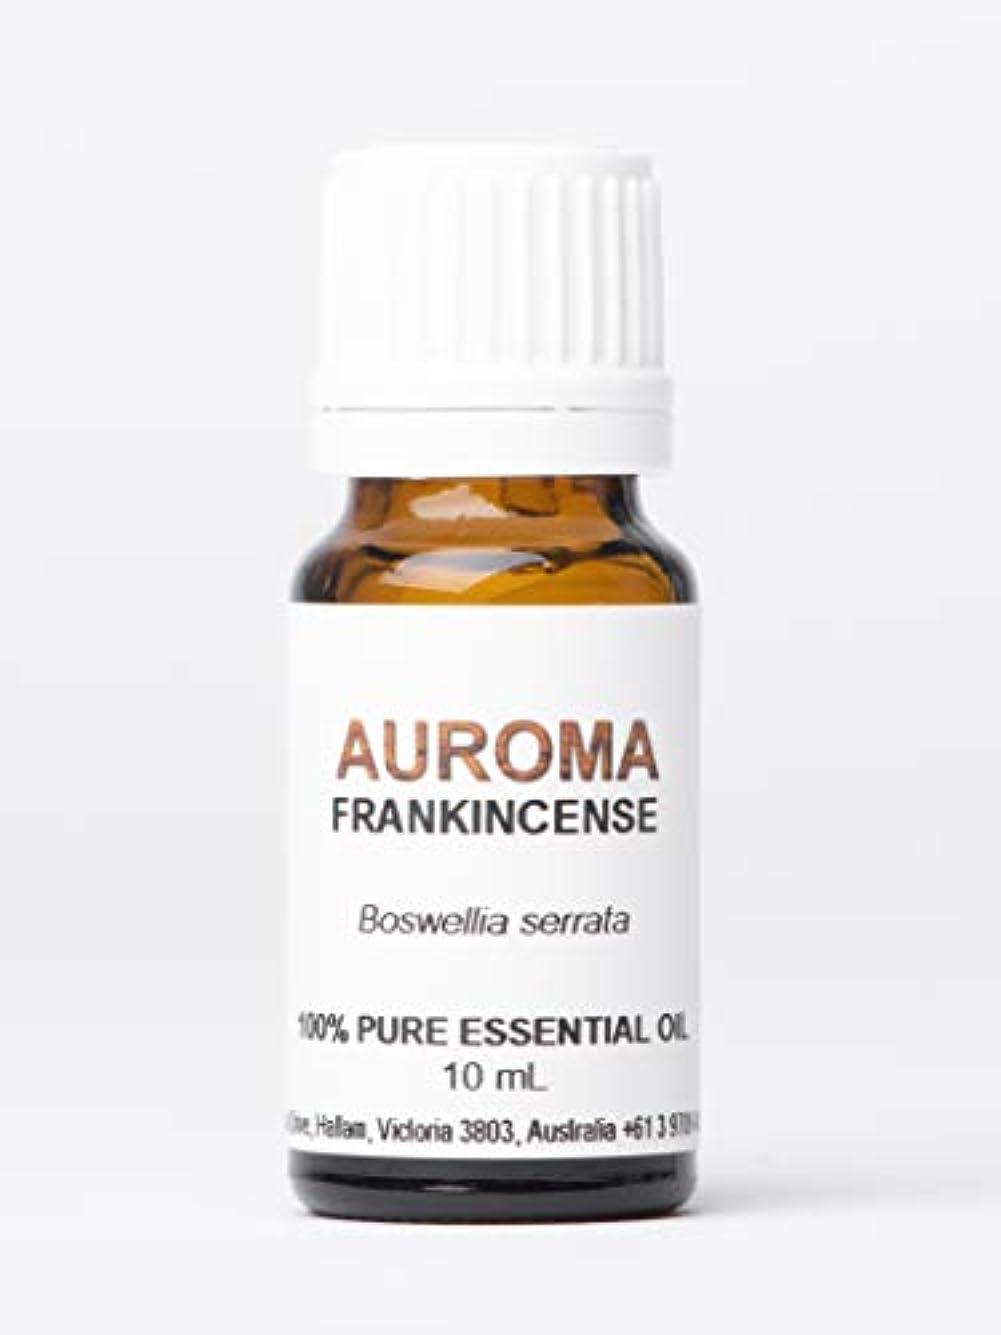 継続中ペルセウス応答AUROMA フランキンセンス 10ml